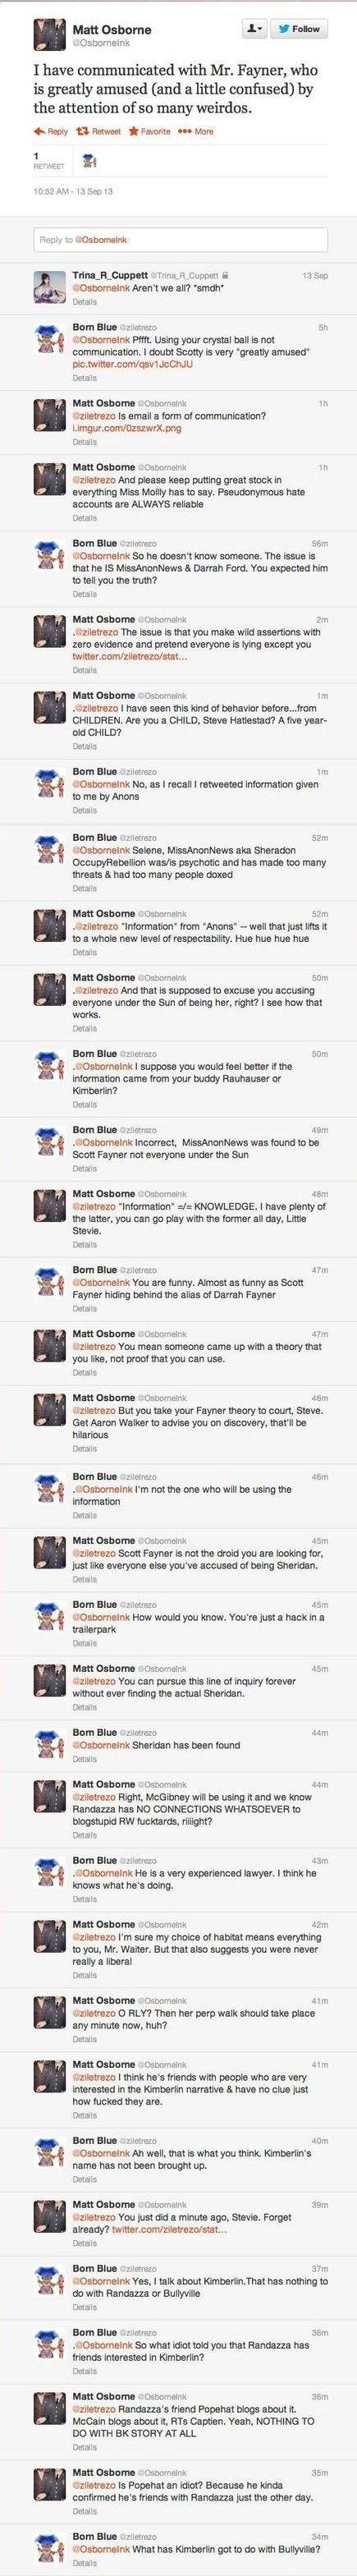 A Conversation with OsborneInk, Matt Osborne September 13th, 2013 Sf112